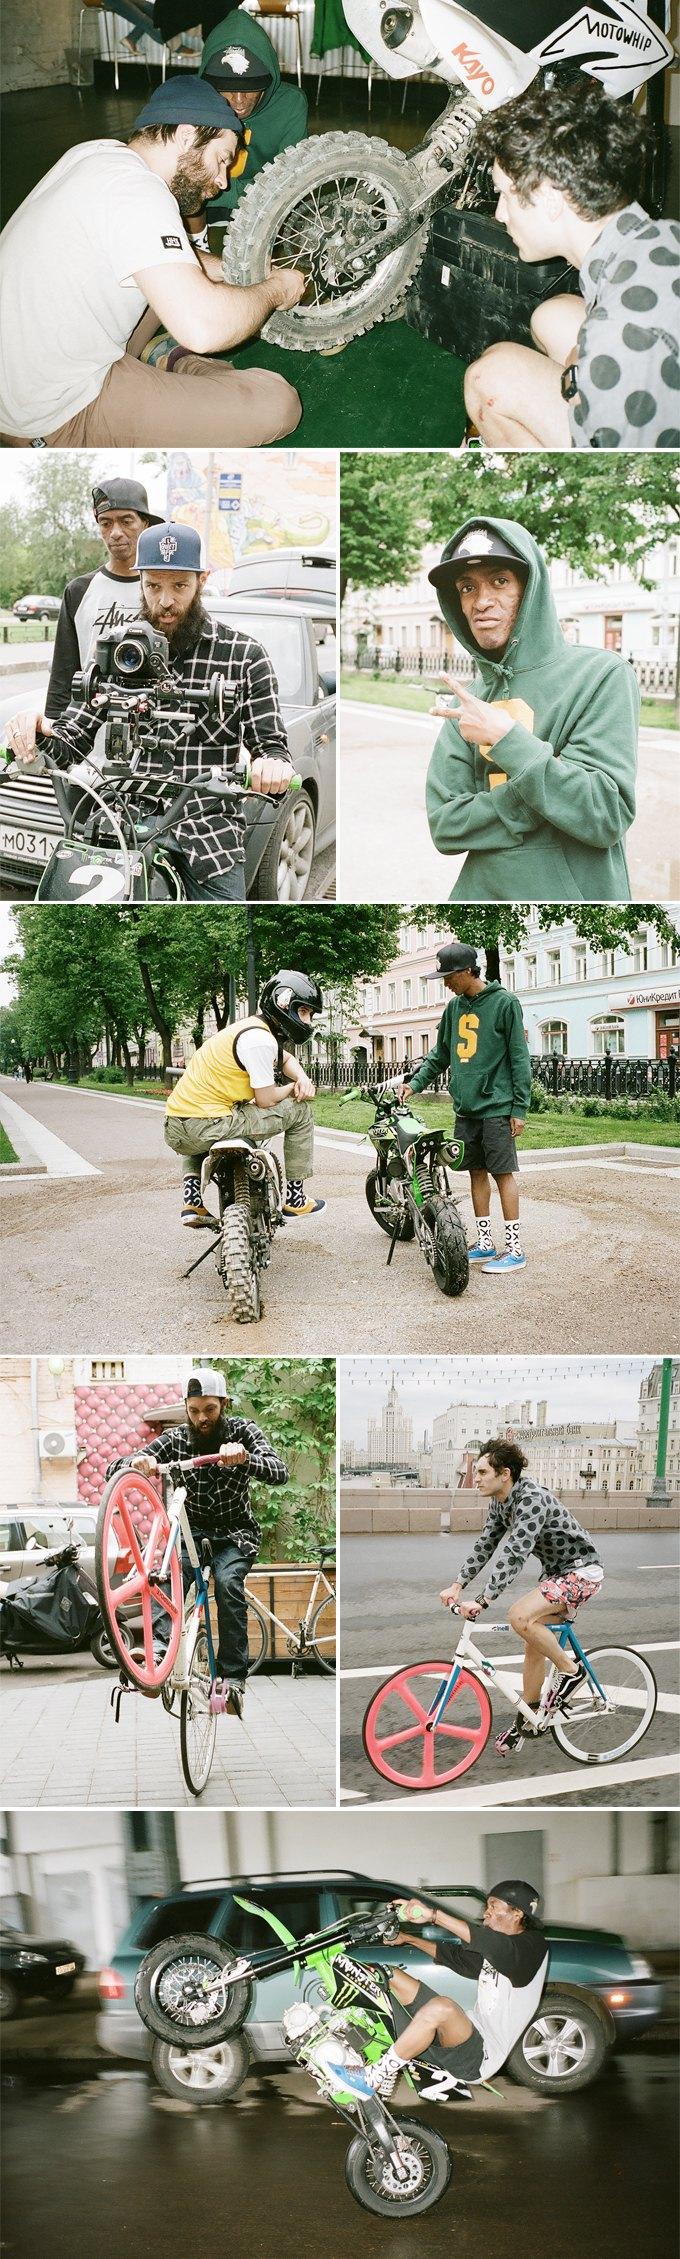 Магазин Kixbox и Кирилл Куренков выпустили видео о питбайках. Изображение № 3.